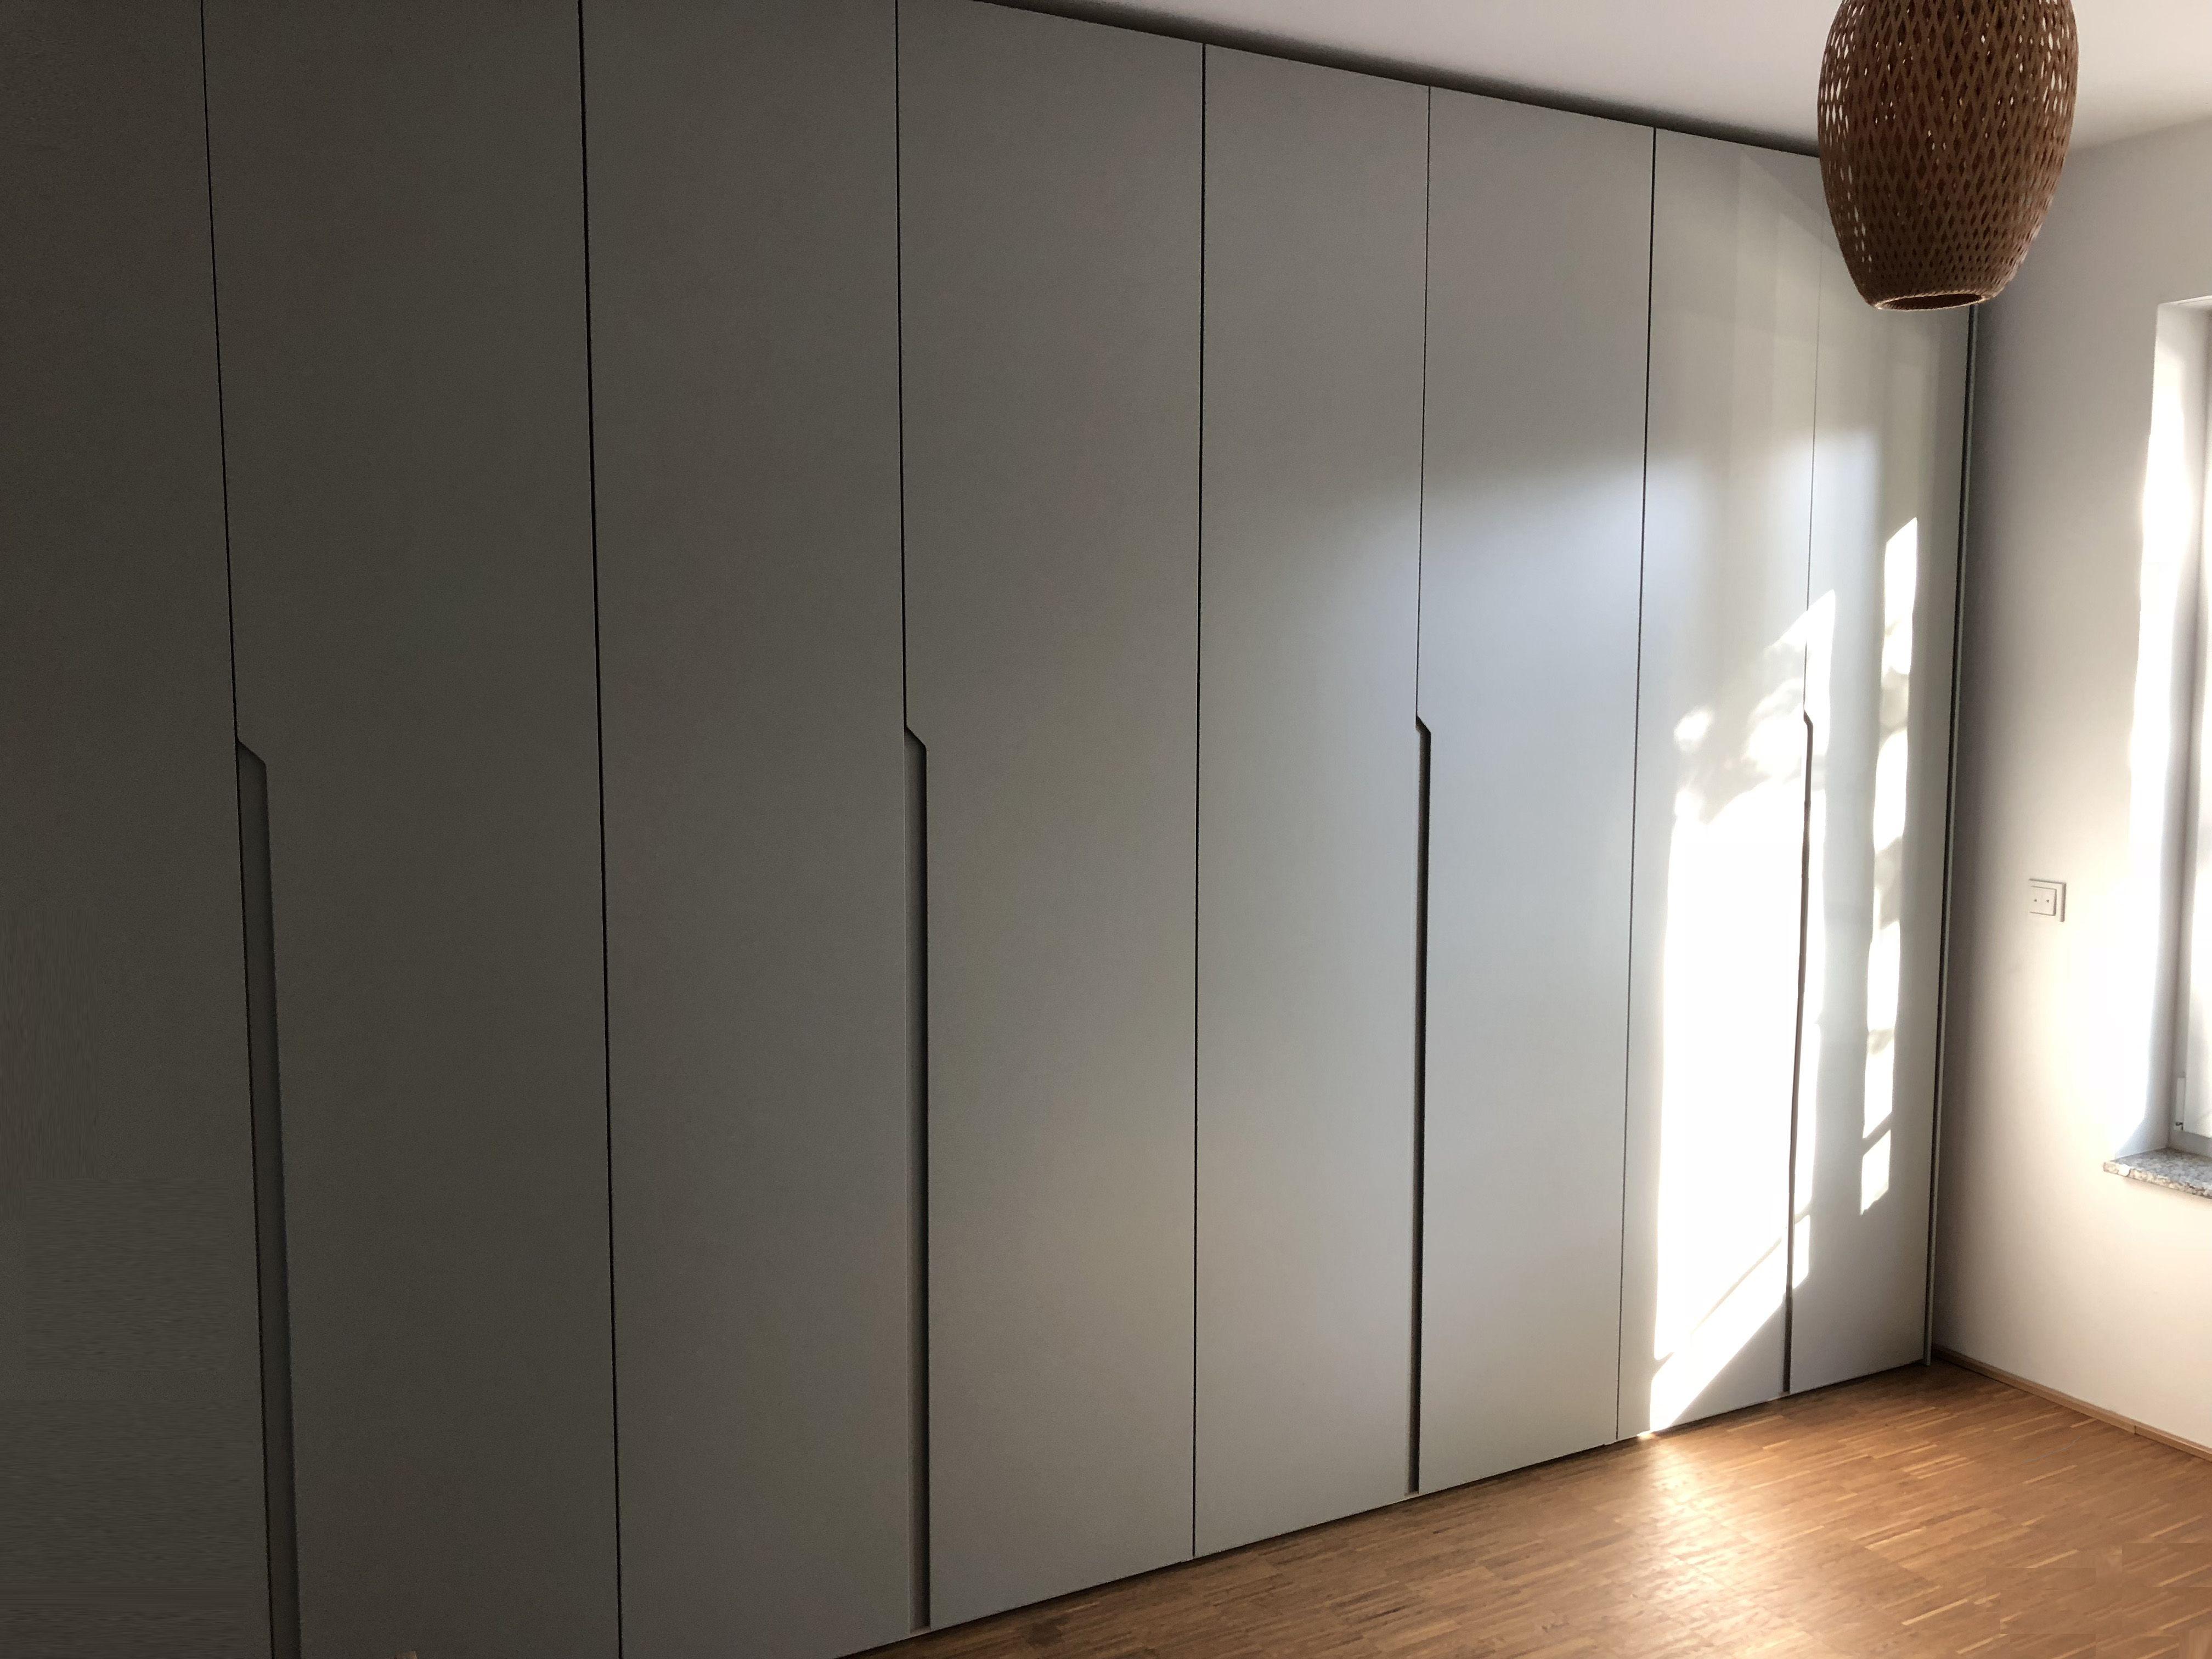 Idaw Schrank Nach Mass Einbauschranke Und Design Kommoden Interior Room Divider Home Decor